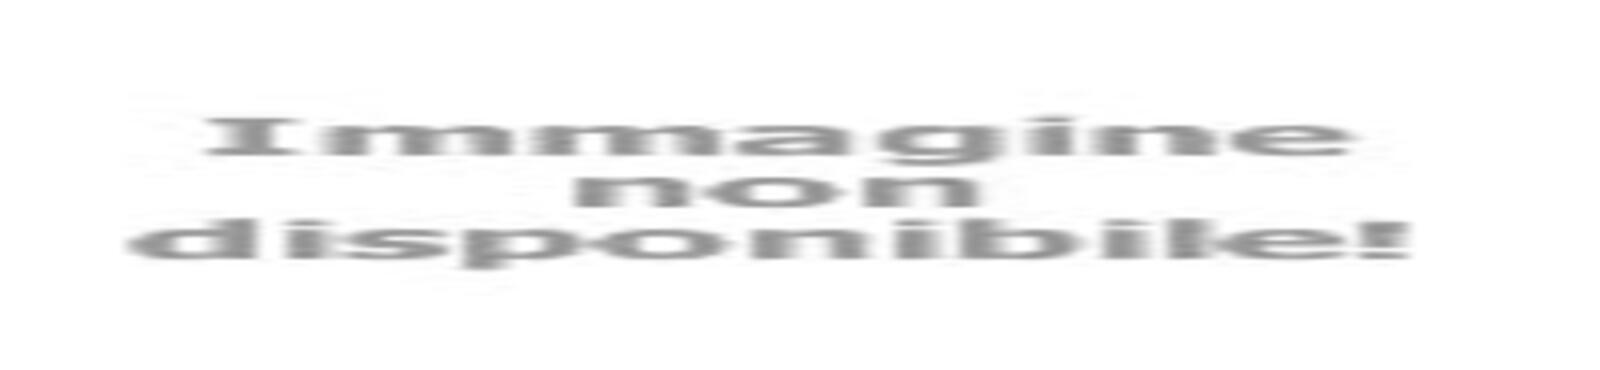 petronianaviaggi it oratorio-di-san-rocco-e-storia-dei-canali-del-600-v363 002